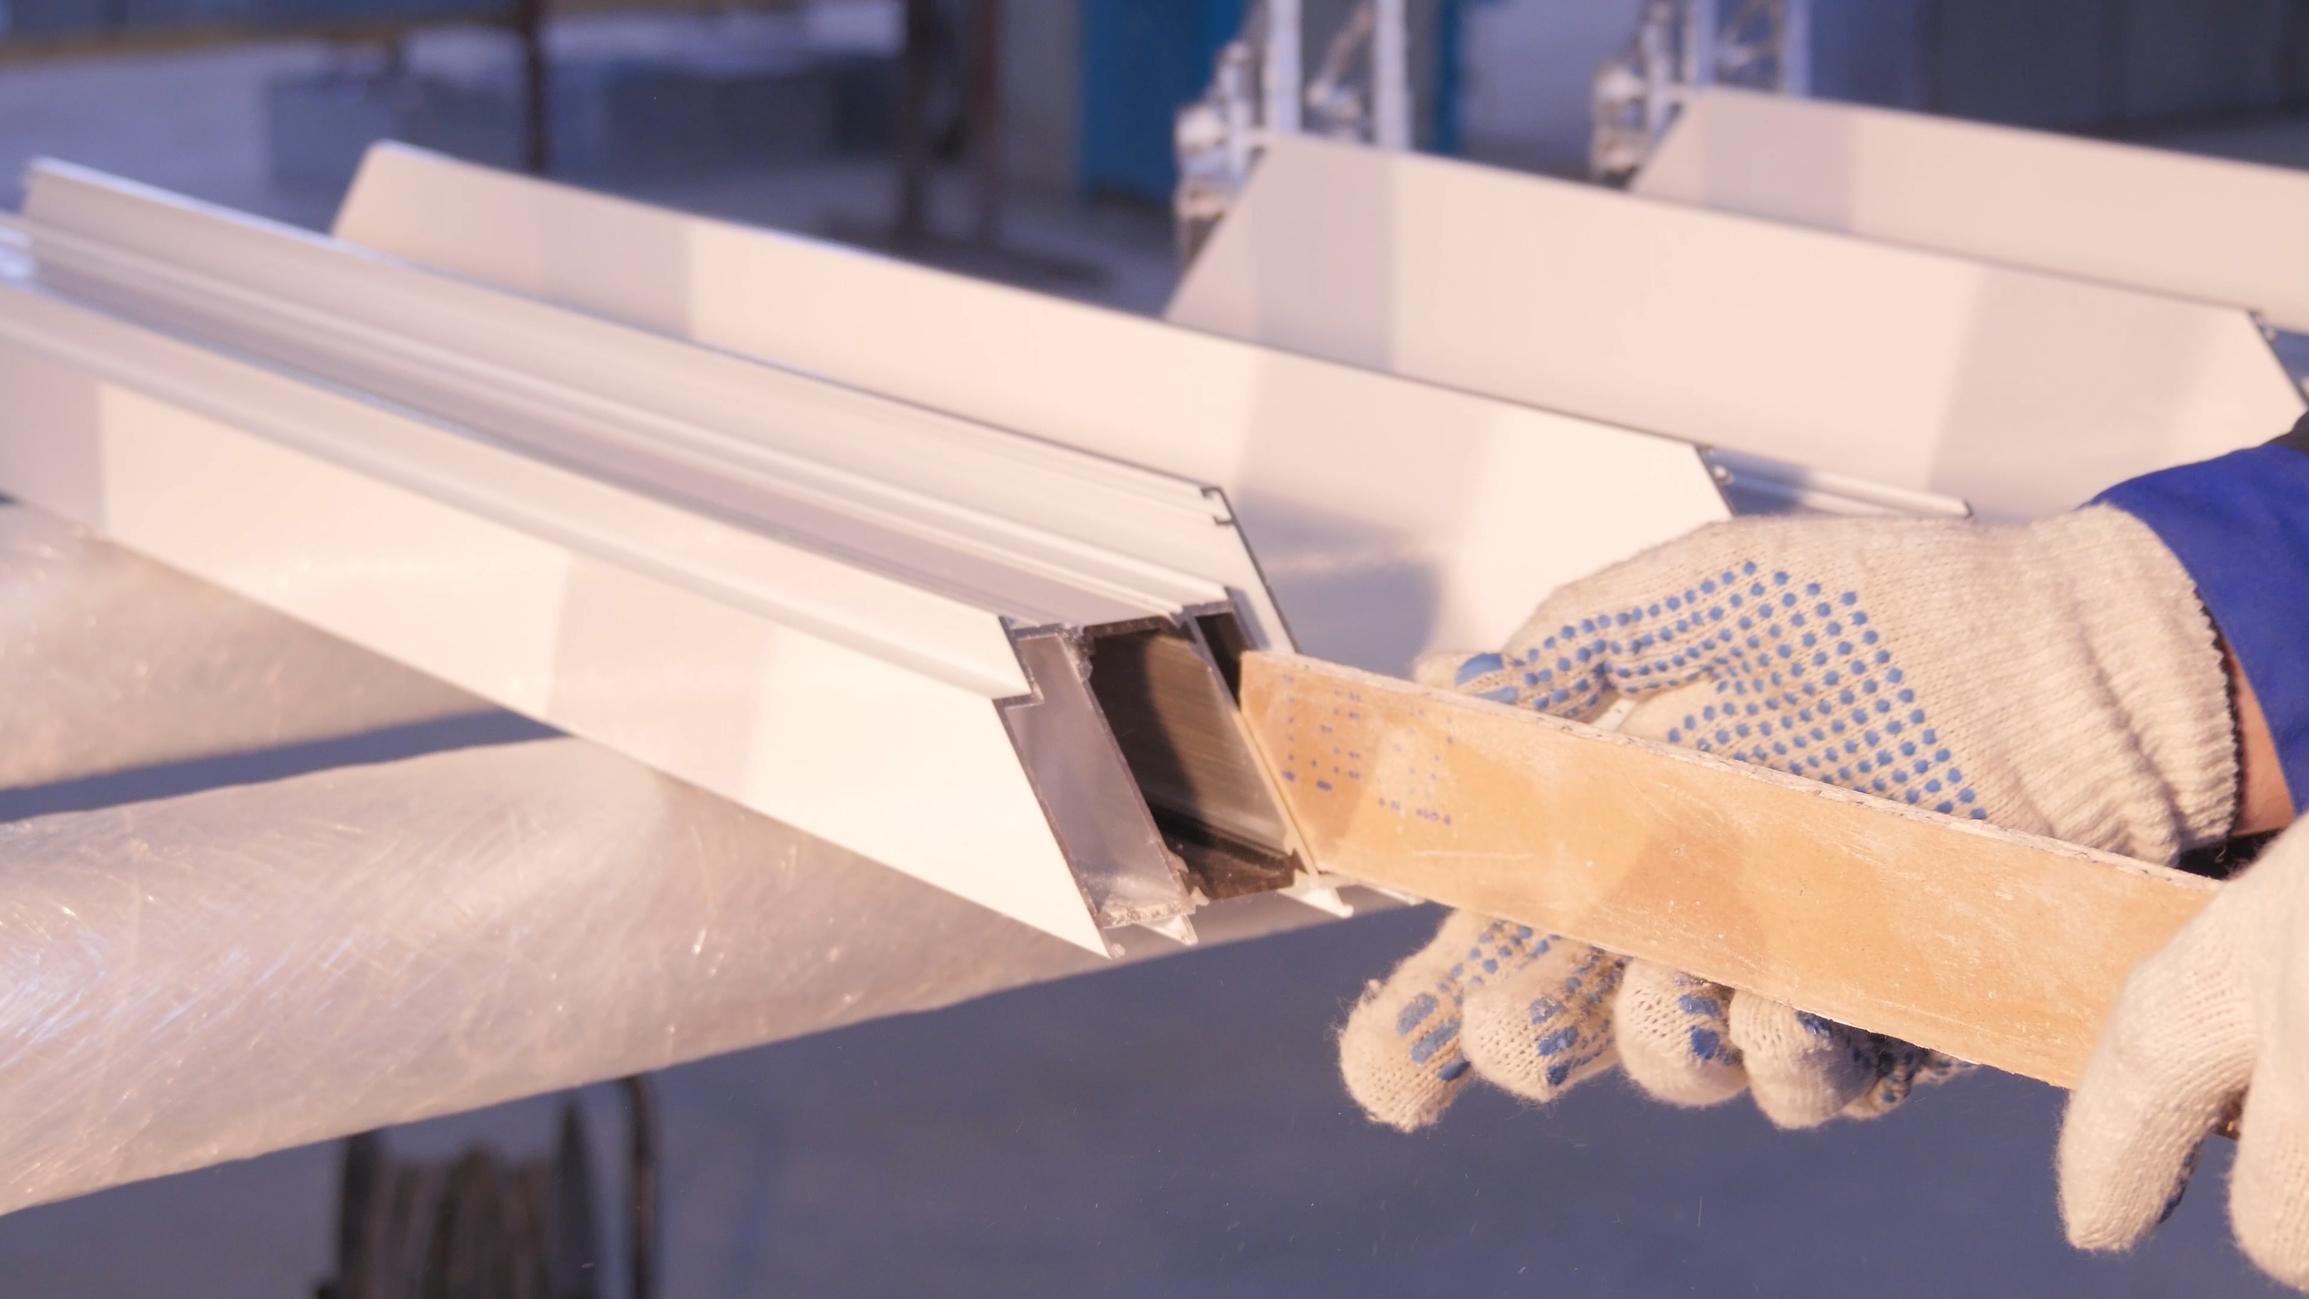 image Comment appliquer correctement du silicone (joint)